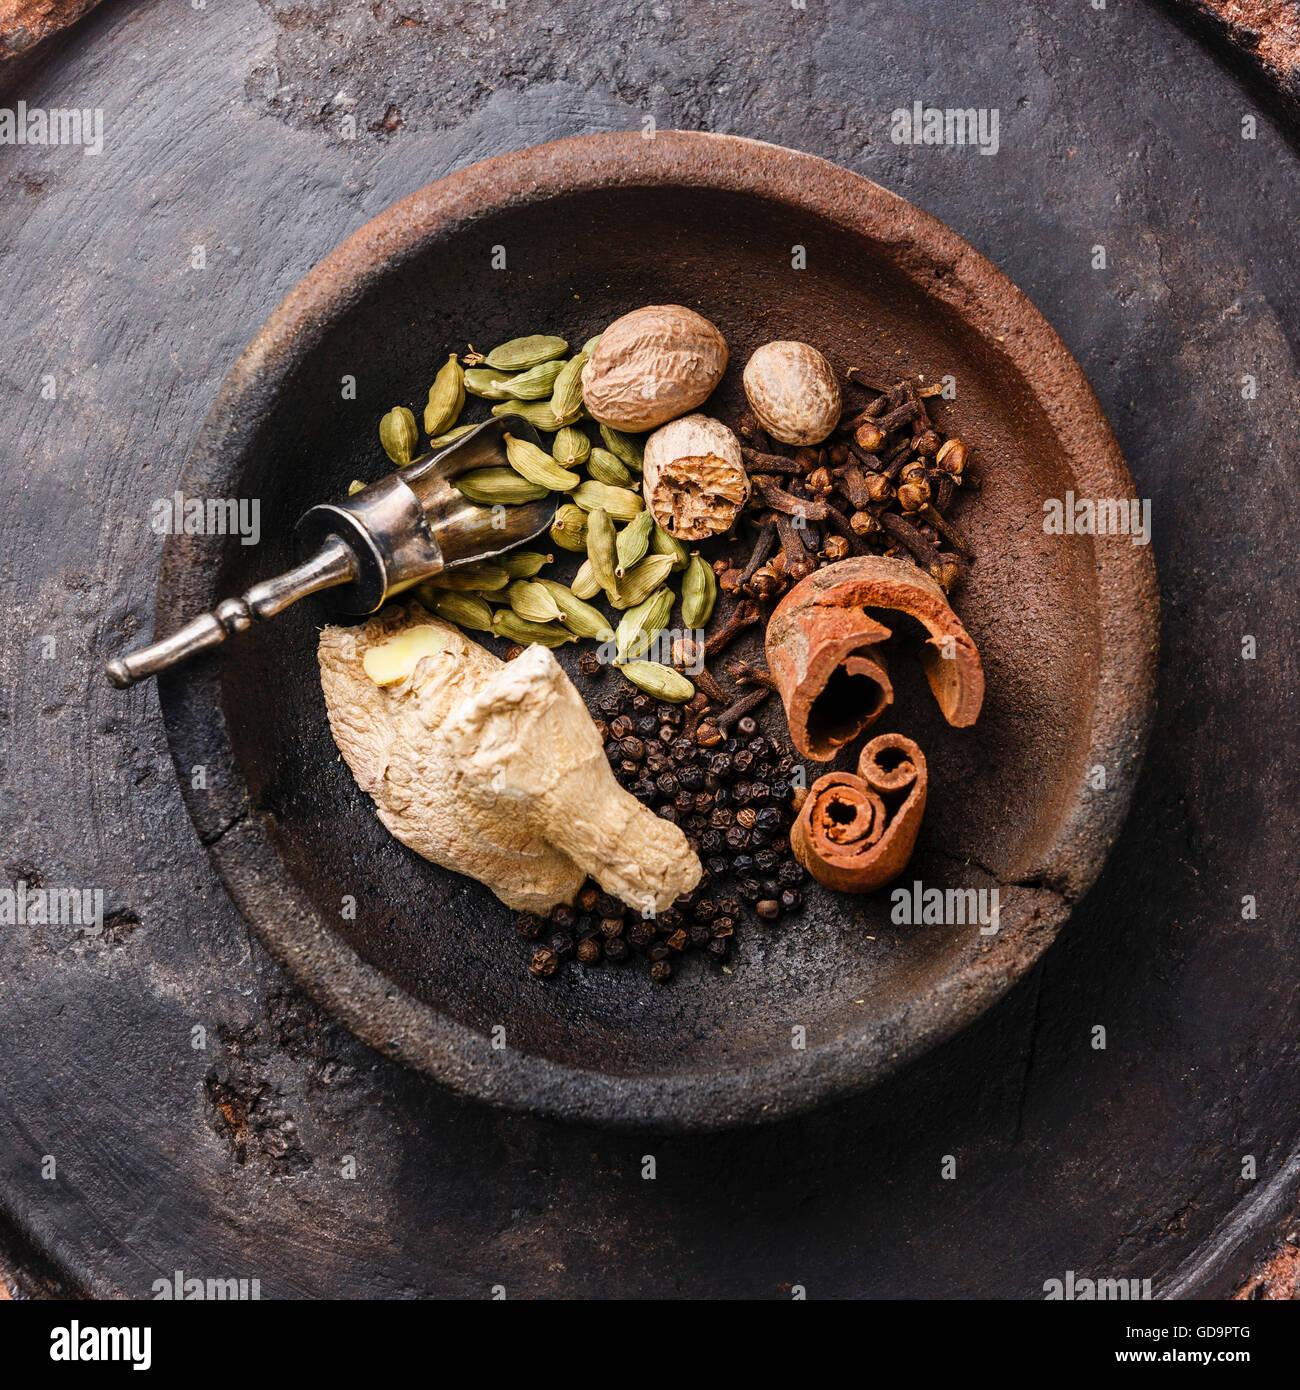 Especias Ingredientes para el té indio Masala sobre fondo oscuro Imagen De Stock